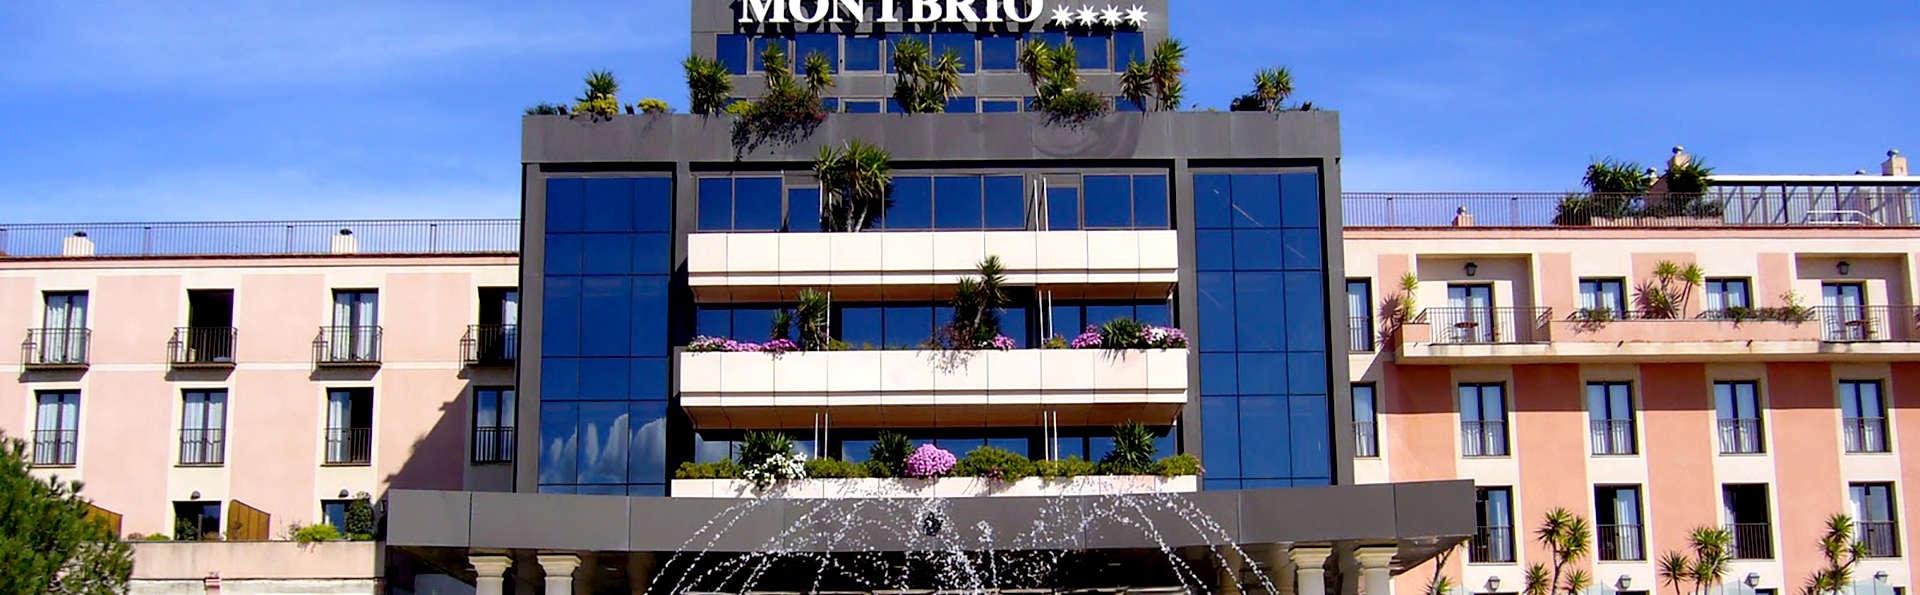 Hotel Termes Montbrió - Edit_Front4.jpg